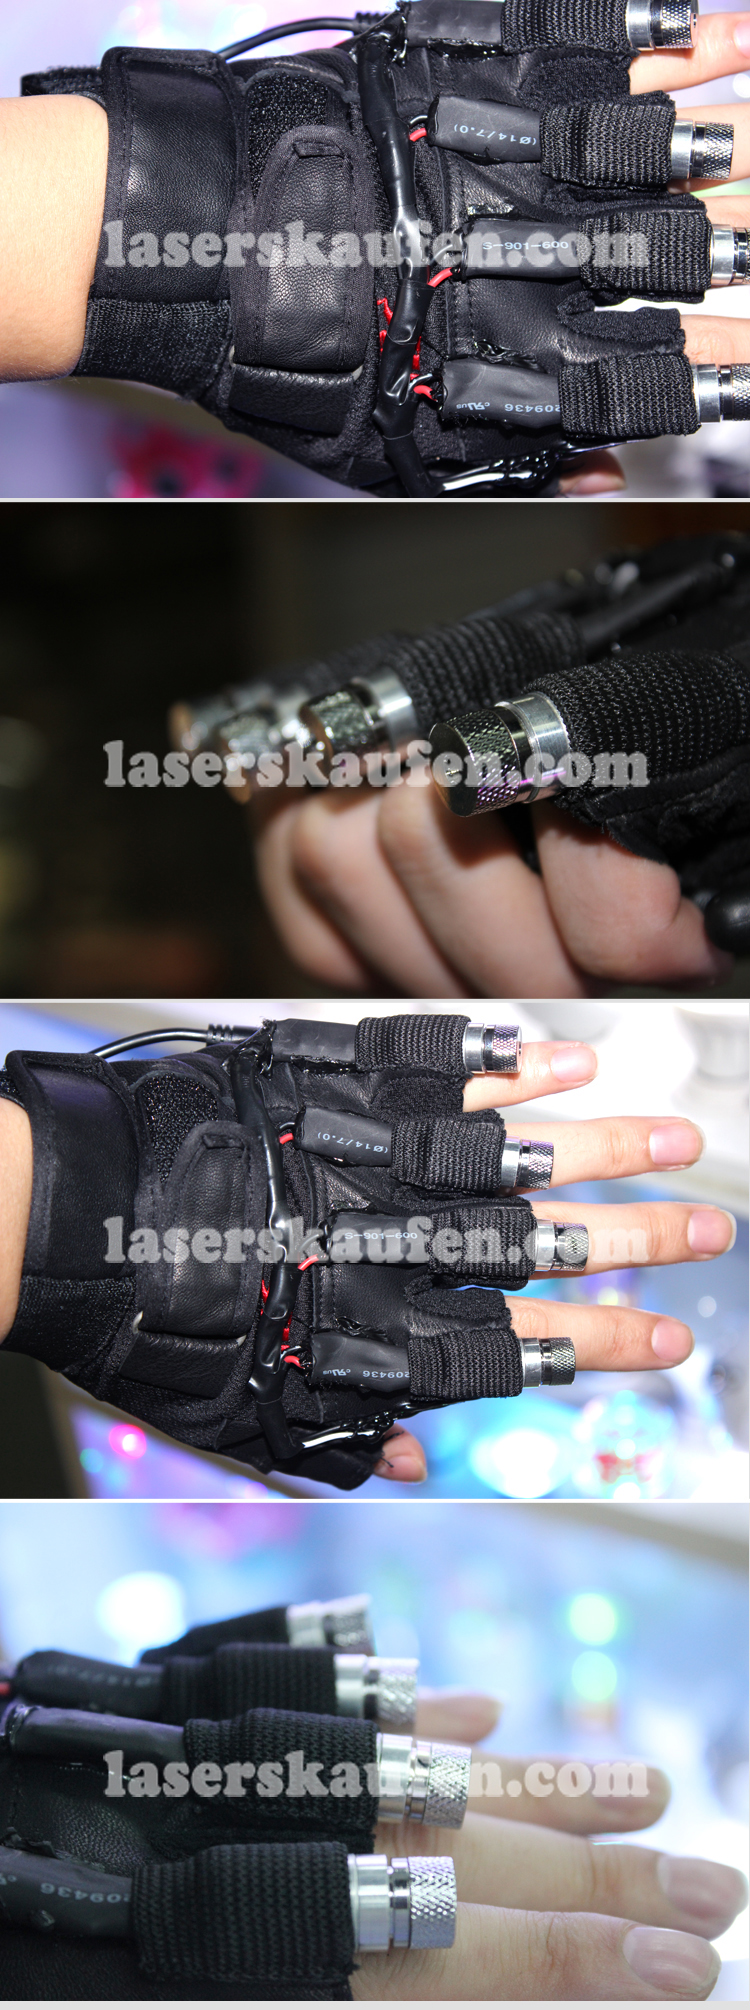 40 Licht Laserhandschuhe